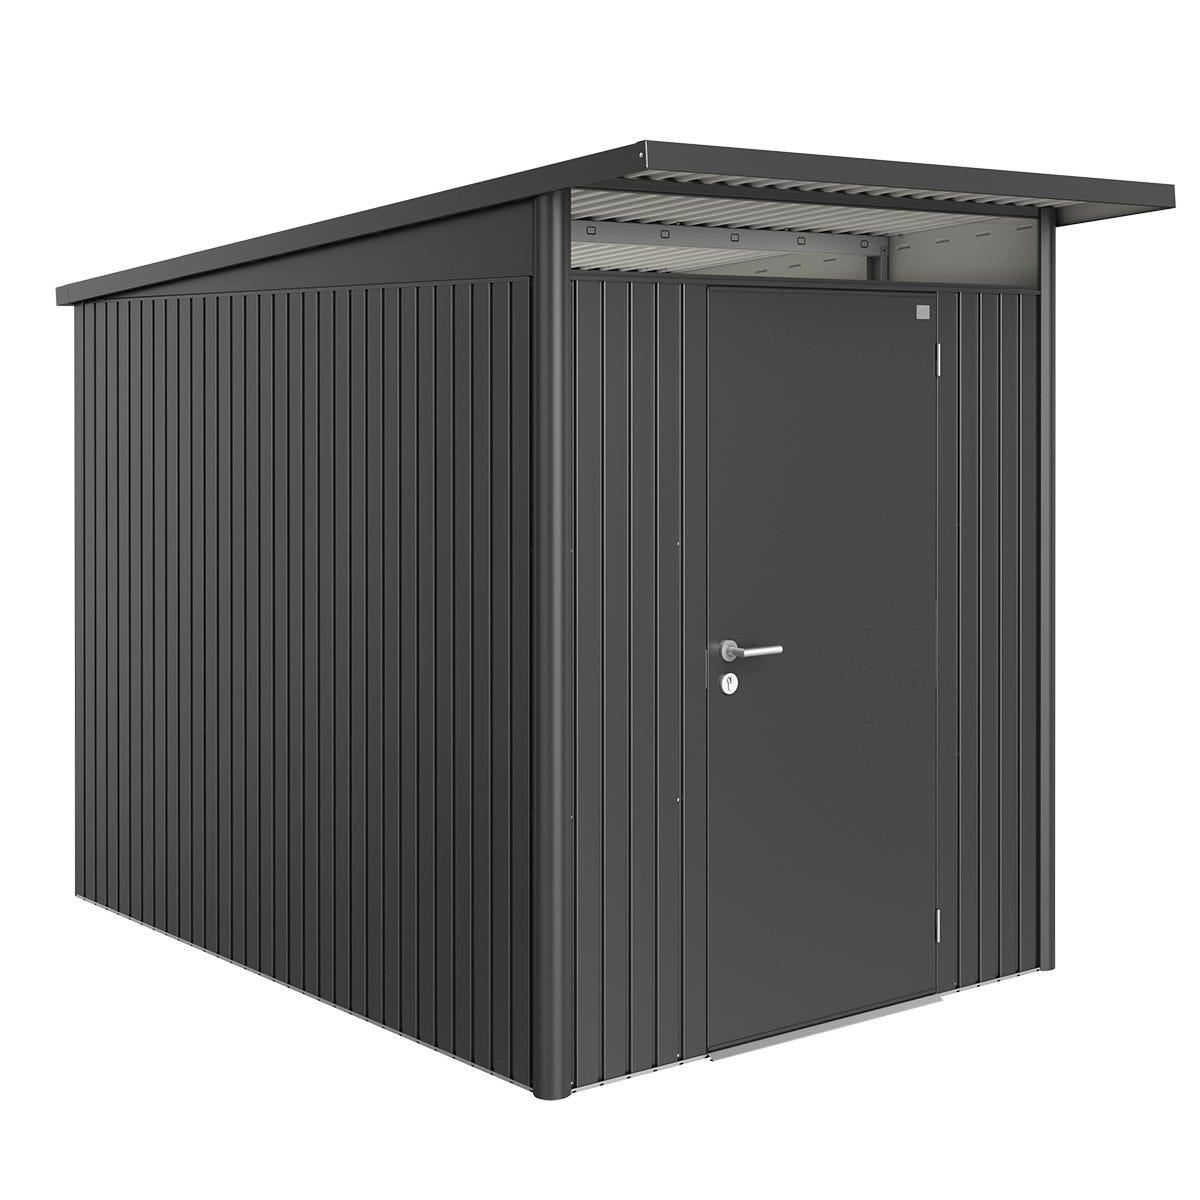 Biohort AvantGarde Metal Shed A3 Standard door 5' 9'' x 9' 8'' - Dark Grey